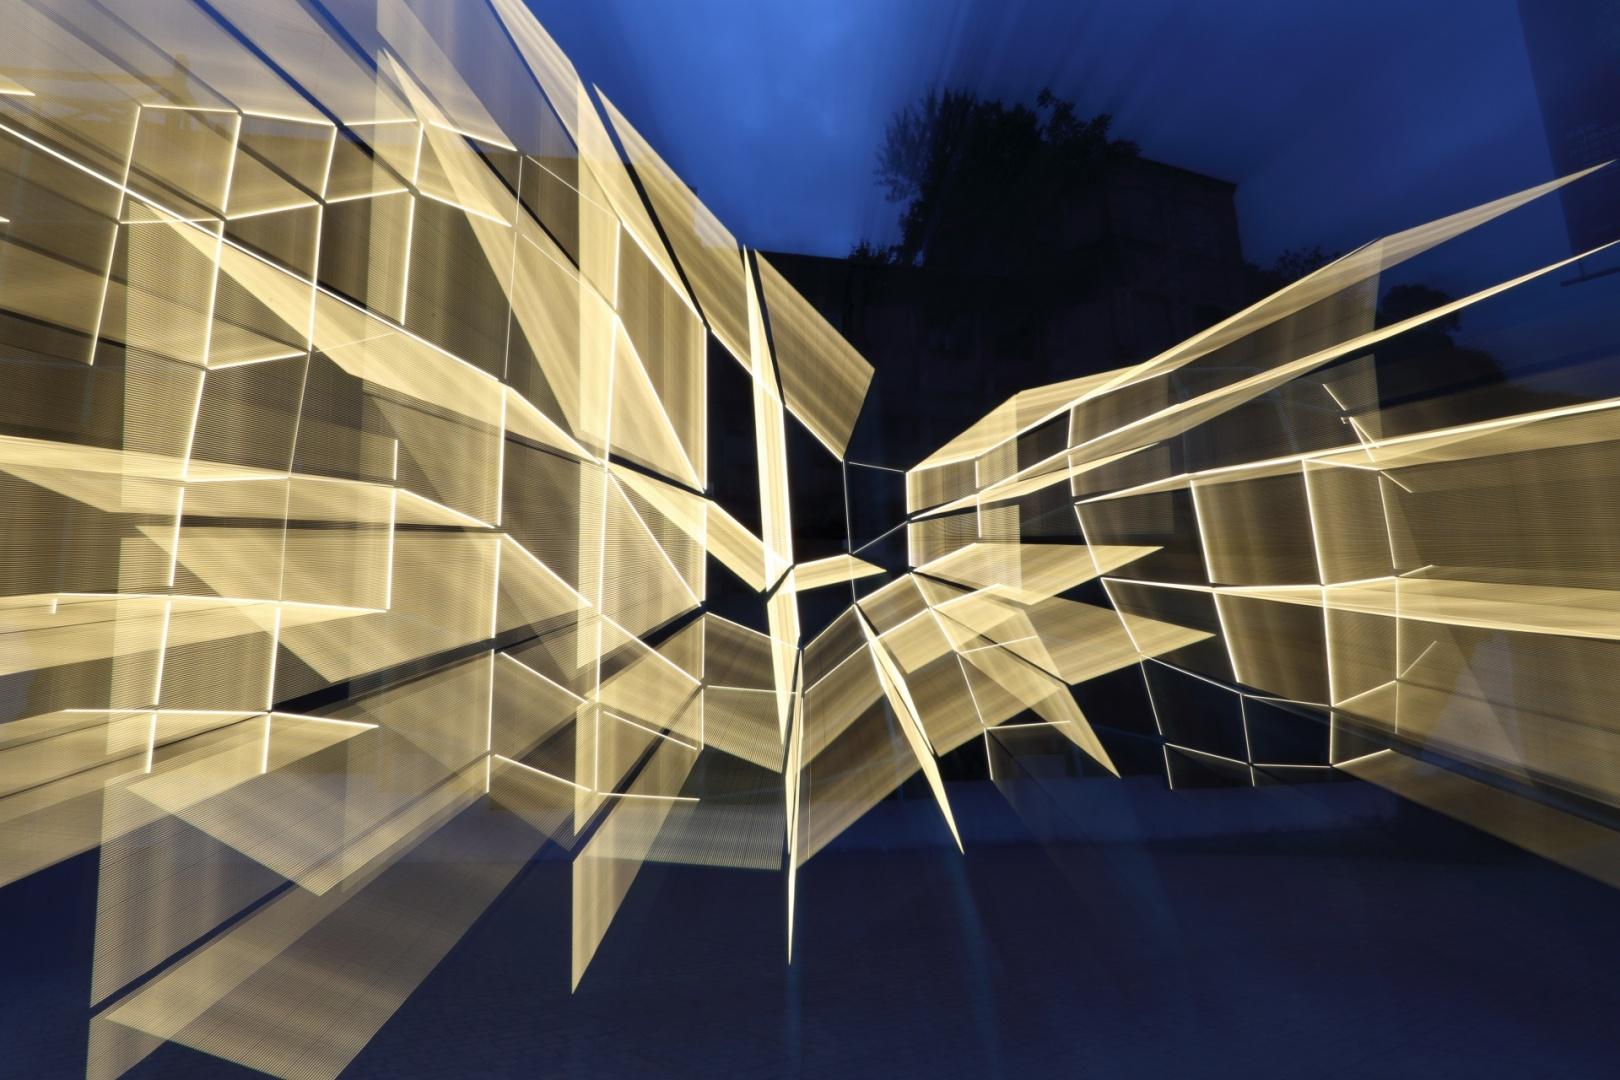 © Carlos Costa - Metamorfose é o nome da instalação que a dupla de arquitectos Fahr 021.3 projectou para a ruína da Oliva, <a href=